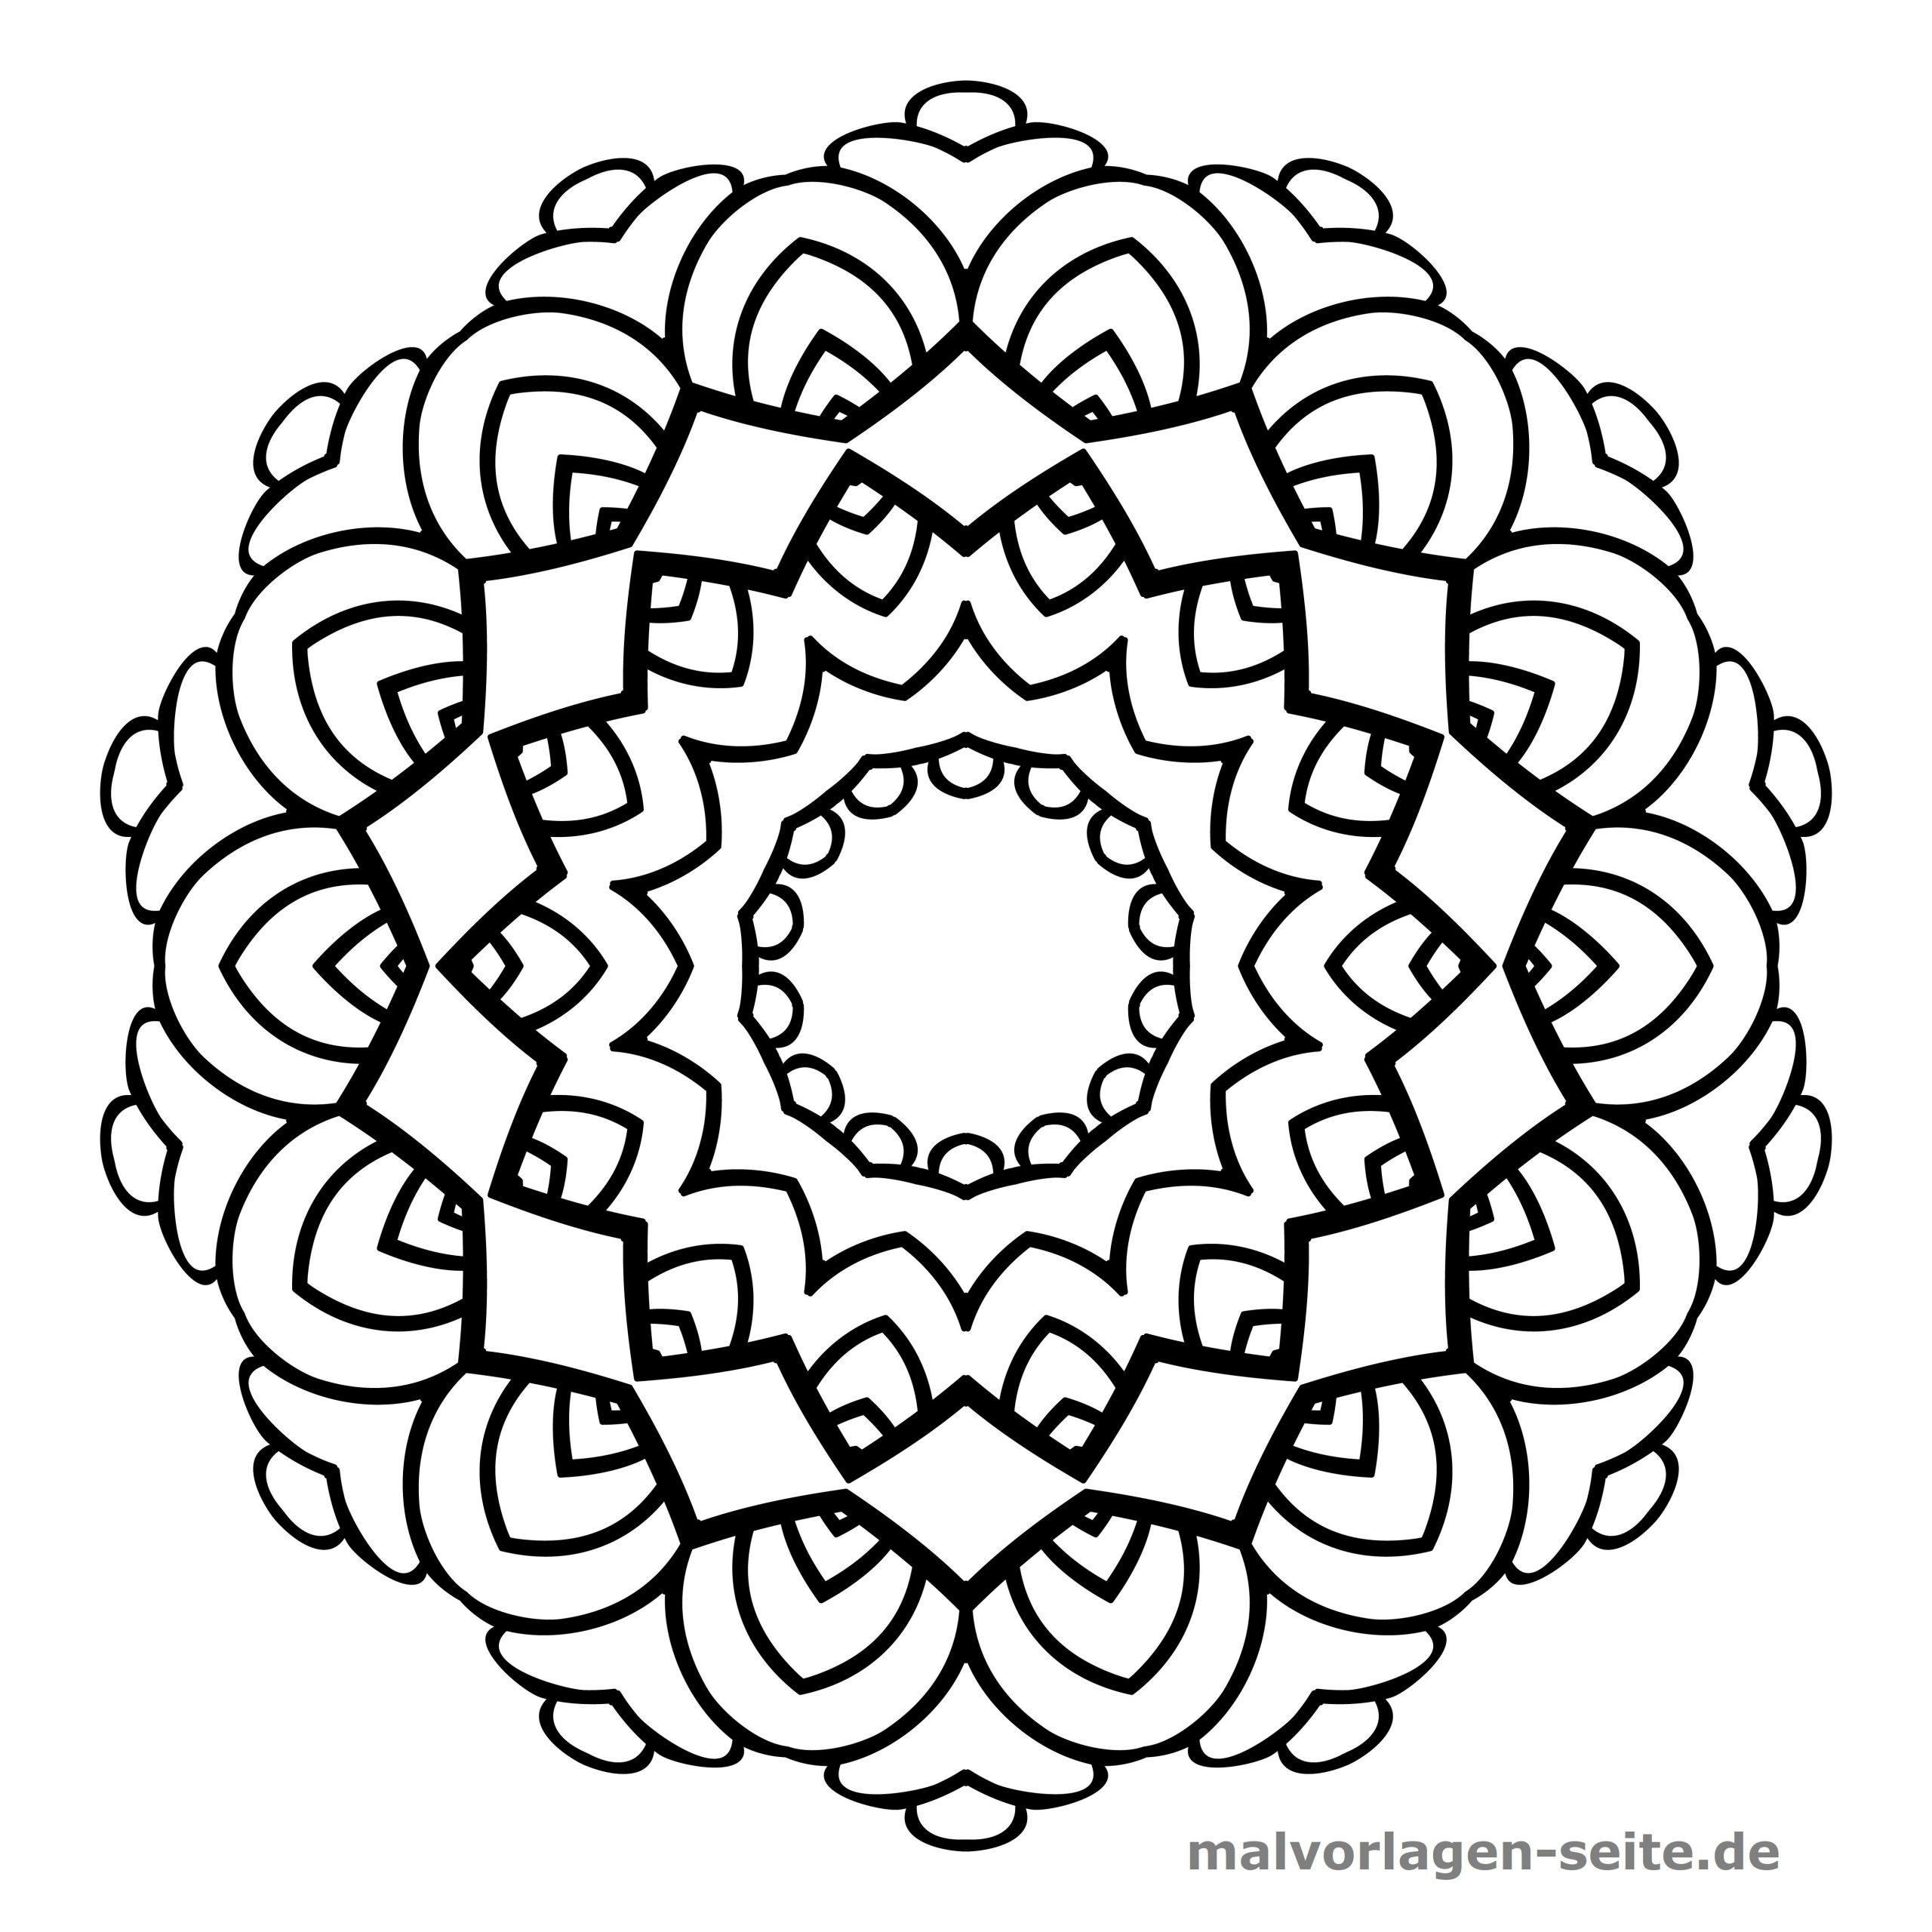 Mandala Für Kinder - Ausmalbilder Kostenlos Herunterladen ganzes Ausmalbilder Mandala